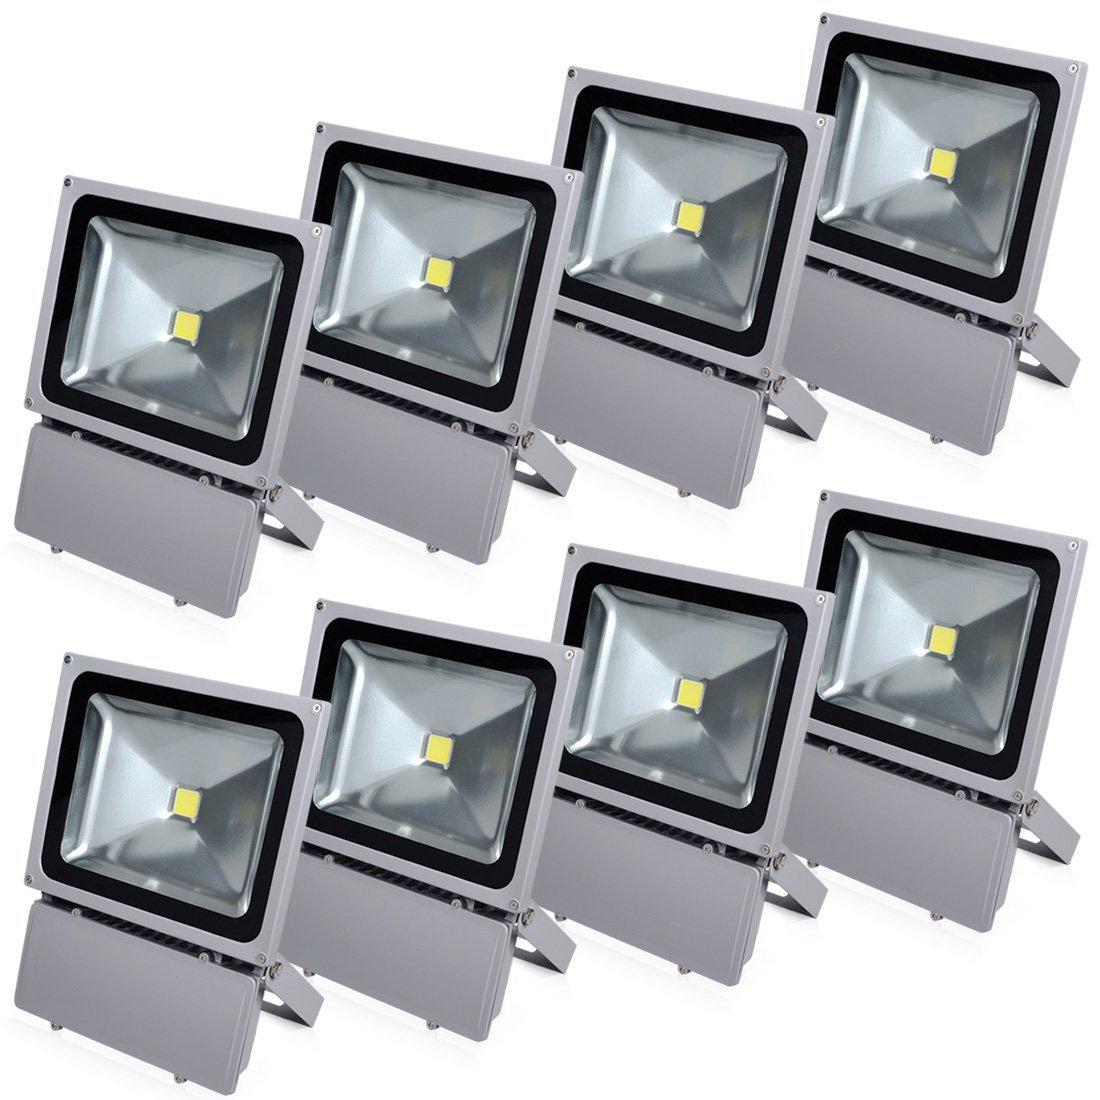 Đèn pha led 100W loại tốt, dùng cho quảng cáo ngoài trời hoặc sân vườn, sản phẩm bảo hành 2 năm, sản phẩm đủ watt